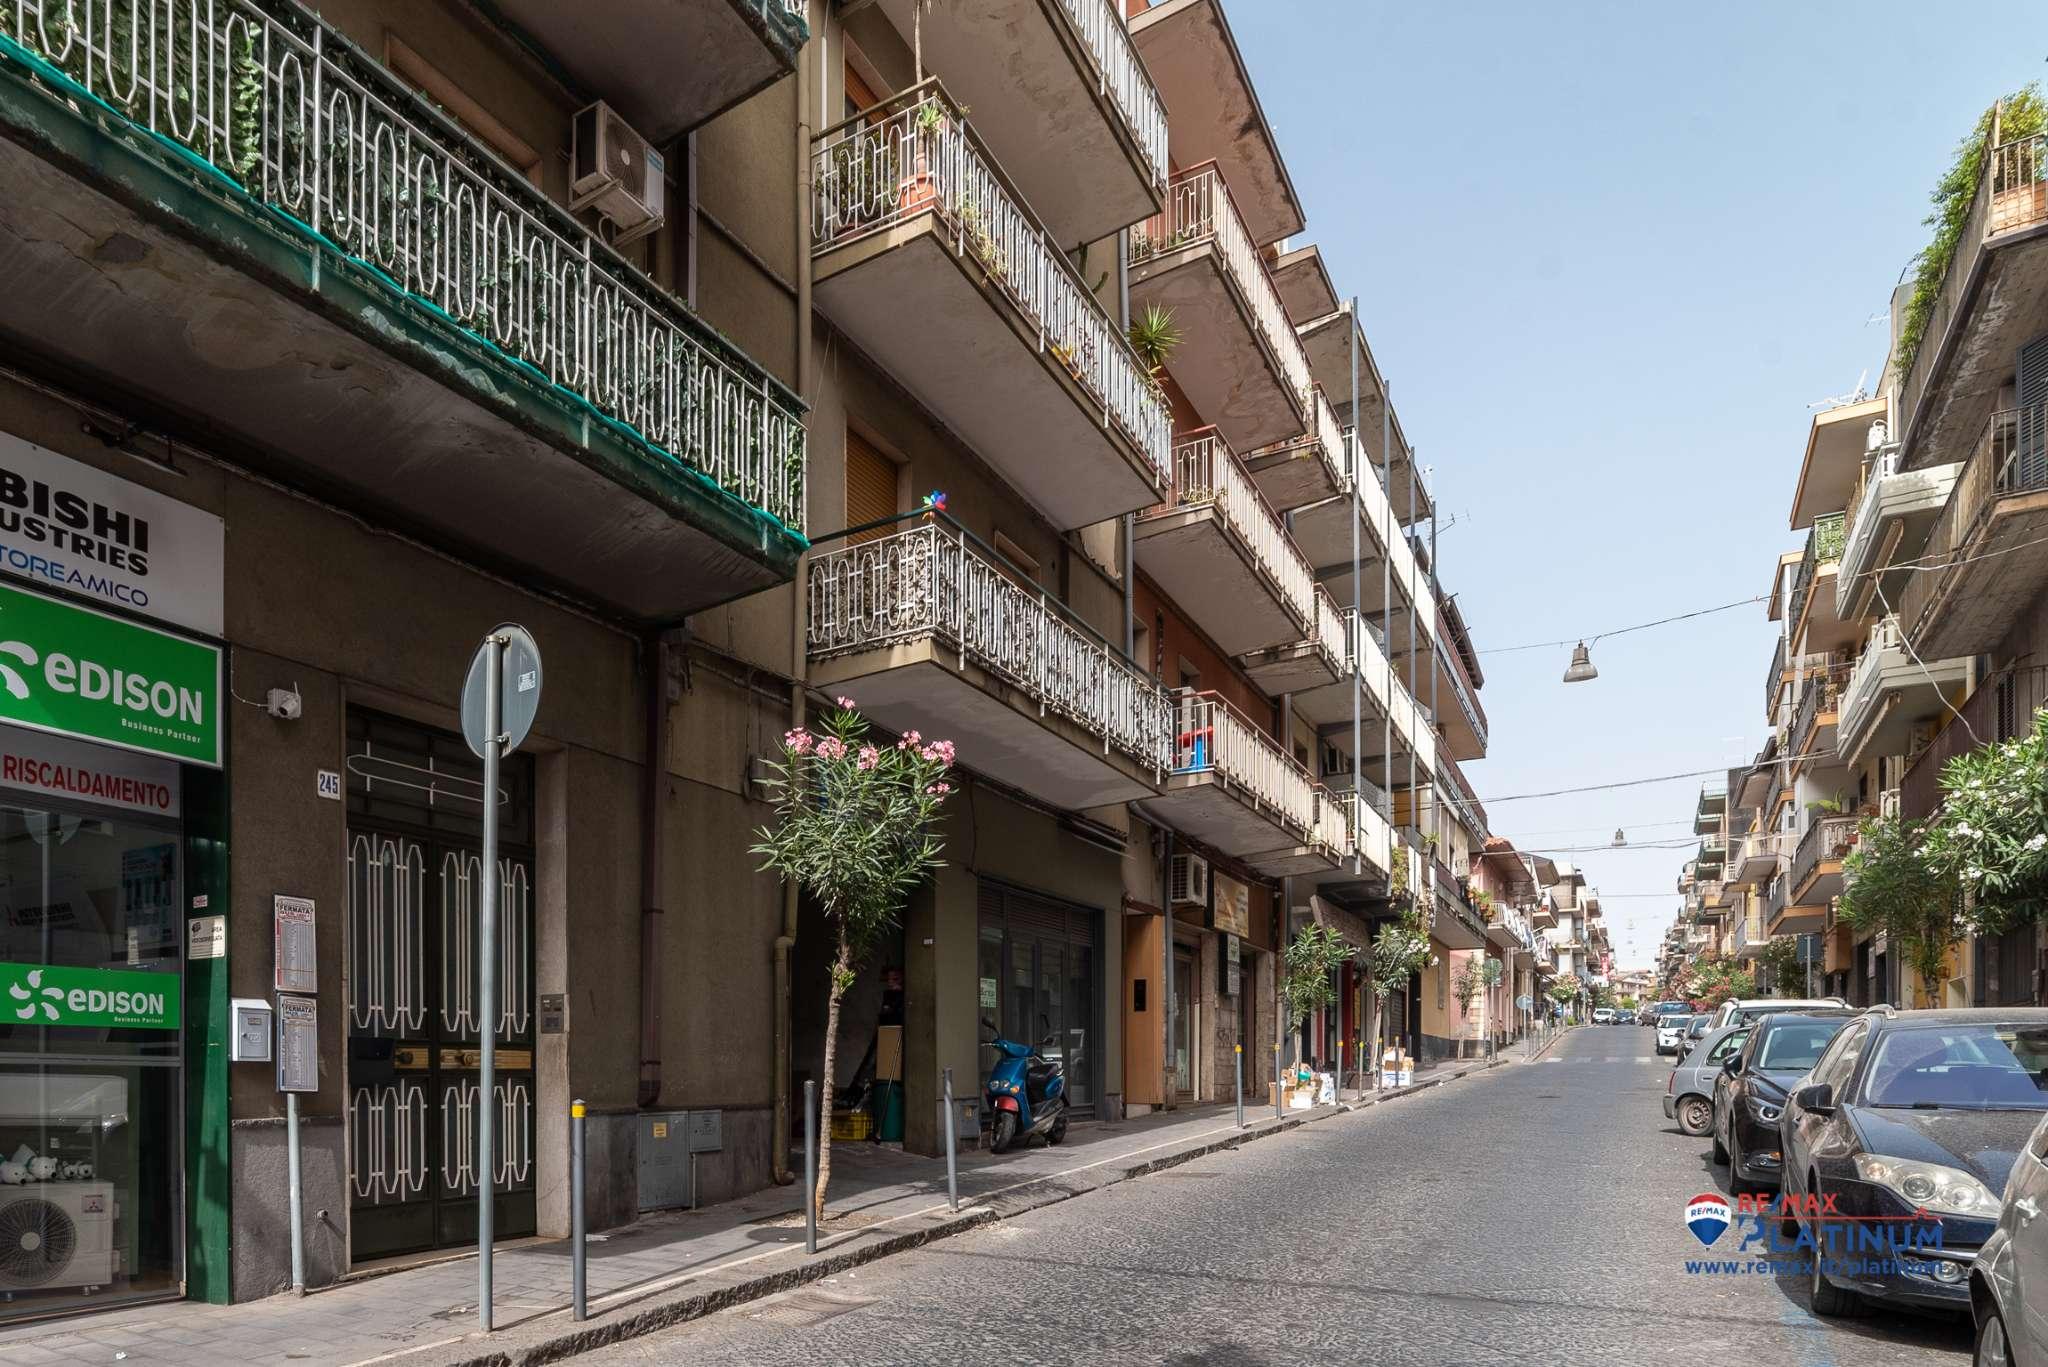 Attico / Mansarda in vendita a Misterbianco, 7 locali, prezzo € 135.000   PortaleAgenzieImmobiliari.it